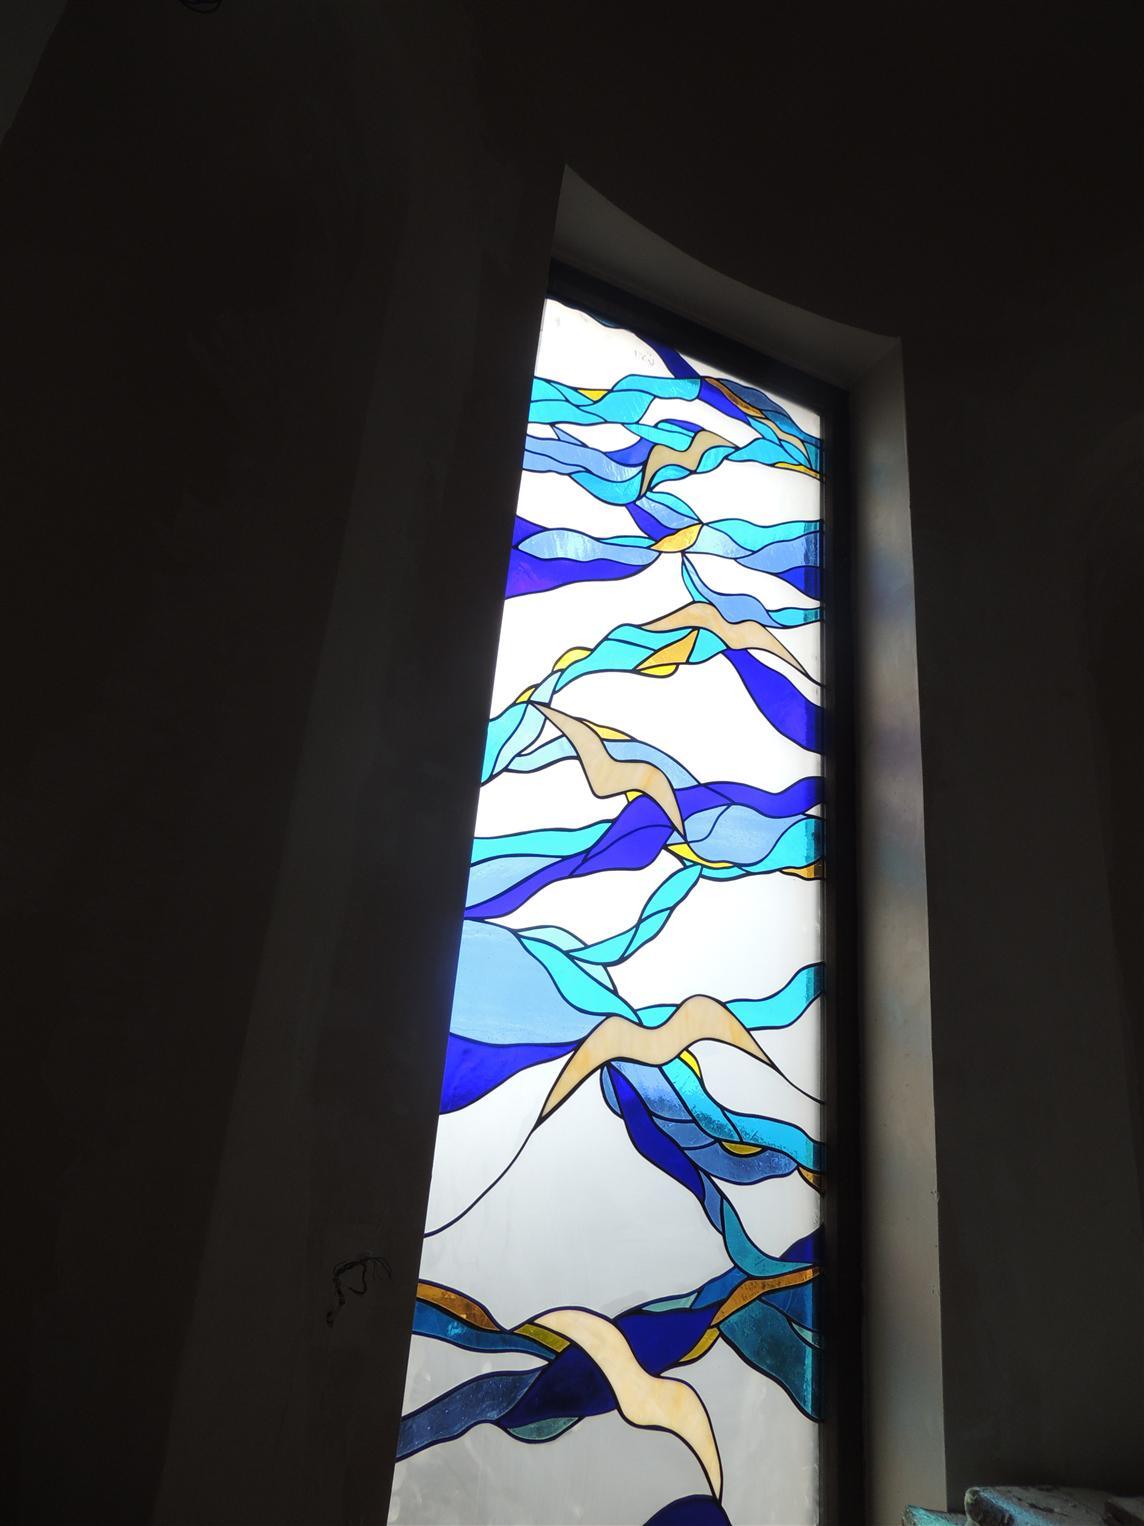 izka-insaat-life-port-evleri2015922958375.jpg izmir vitray çalışması